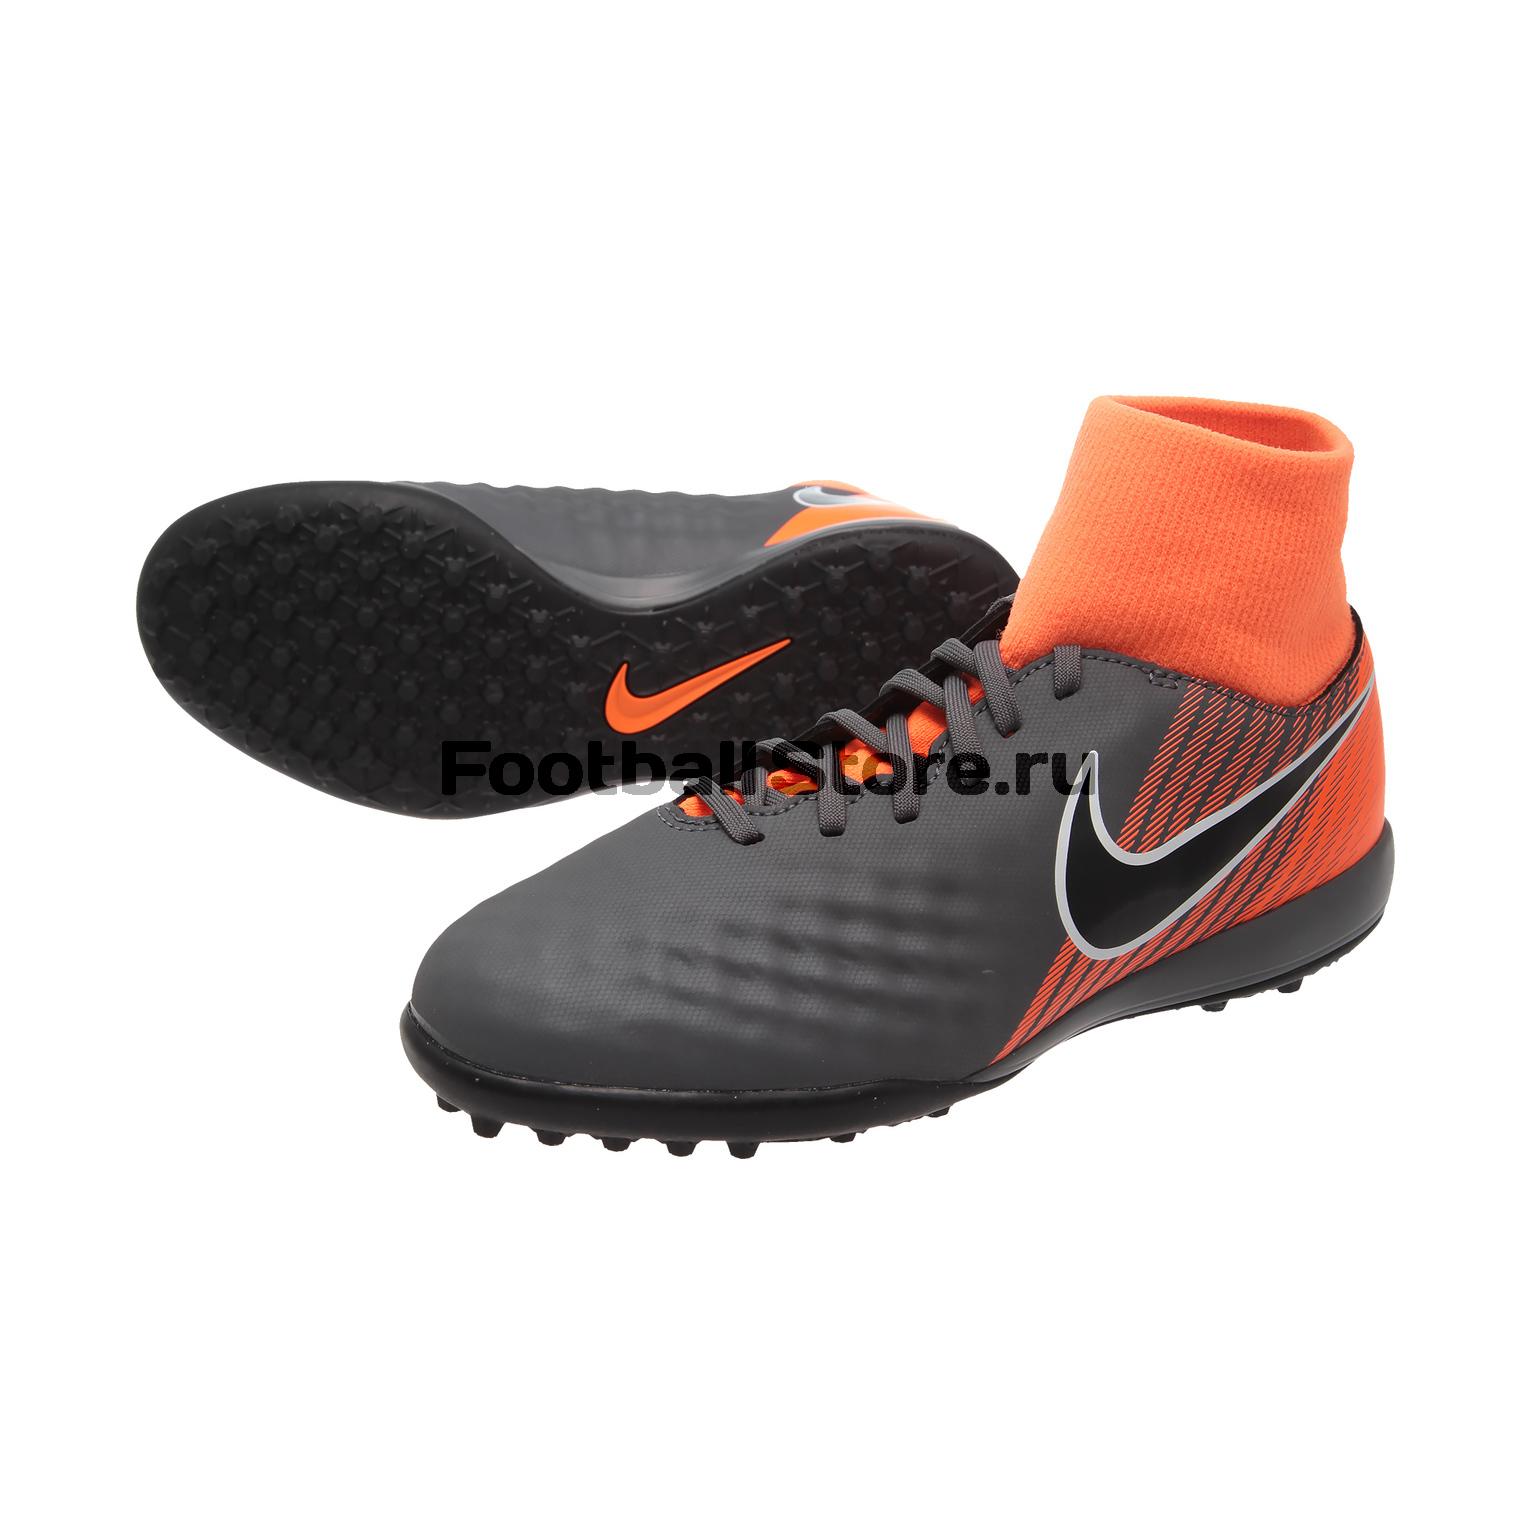 Шиповки Nike JR ObraX 2 Academy DF TF AH7318-080 бутсы футбольные nike obra ii academy df fg ah7313 080 jr детские т сер оранж